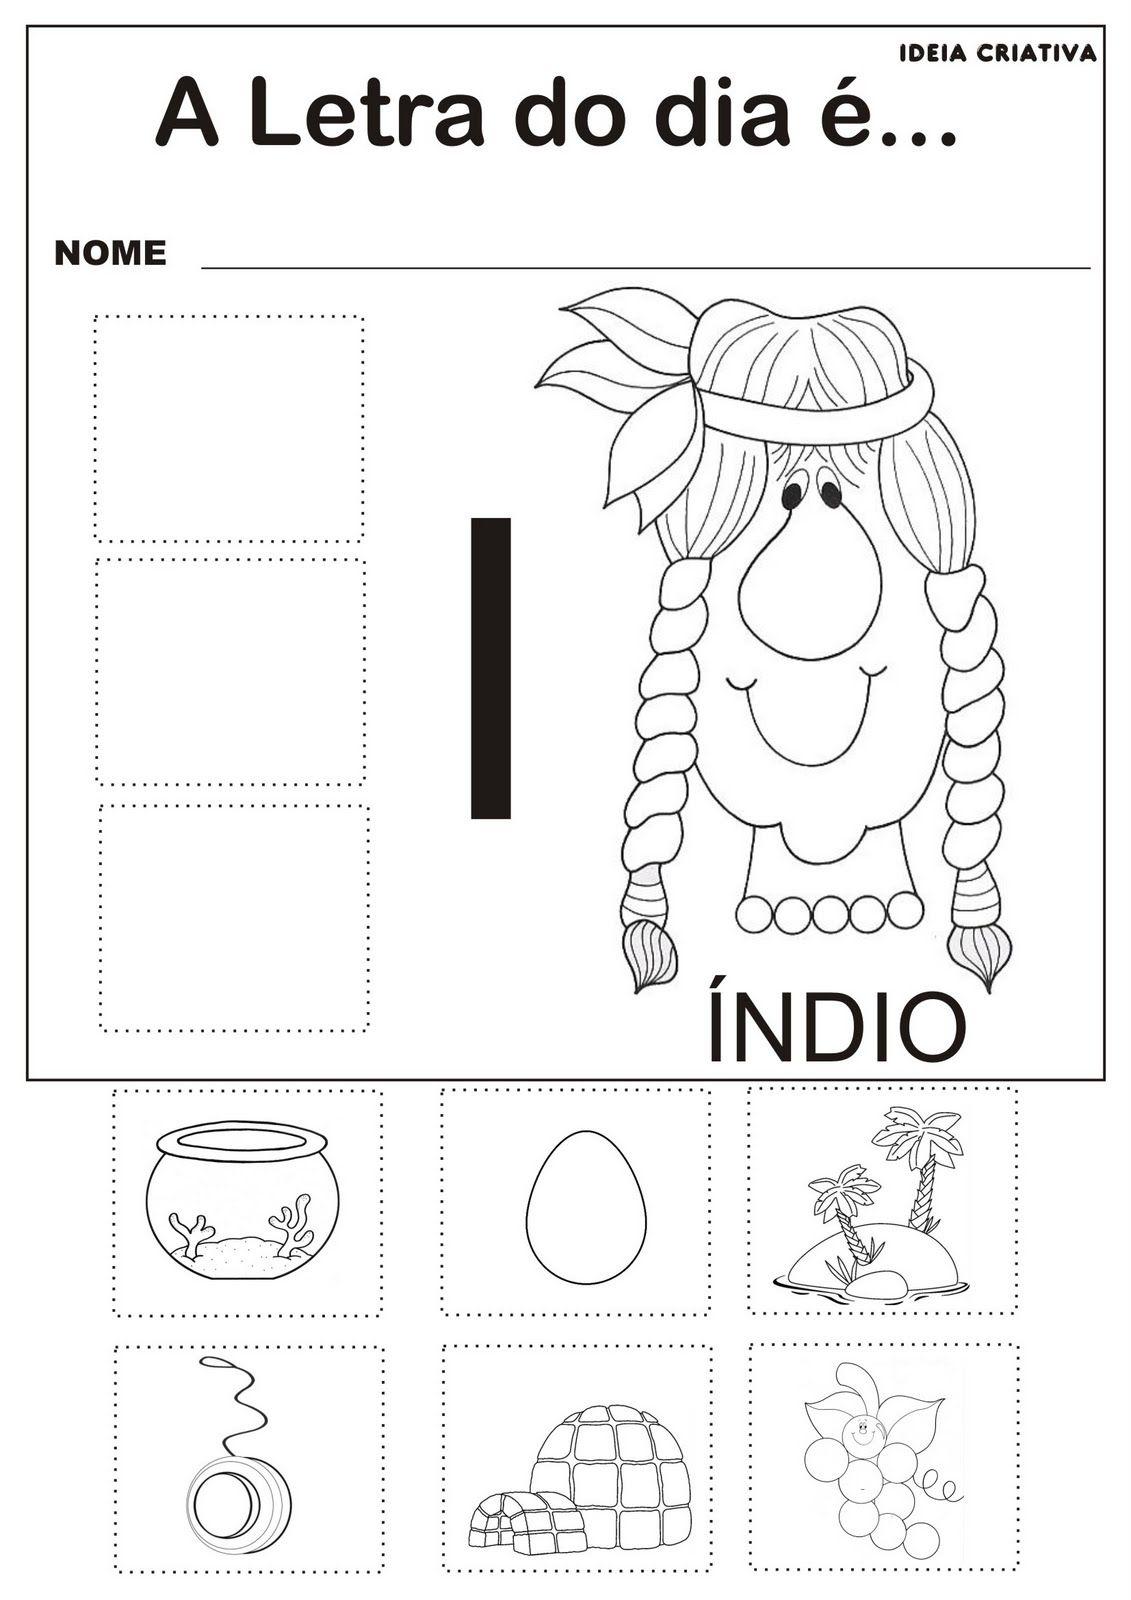 Top Atividades com as Vogais - A, E , I, O e U | Ideia Criativa - Gi  VK67